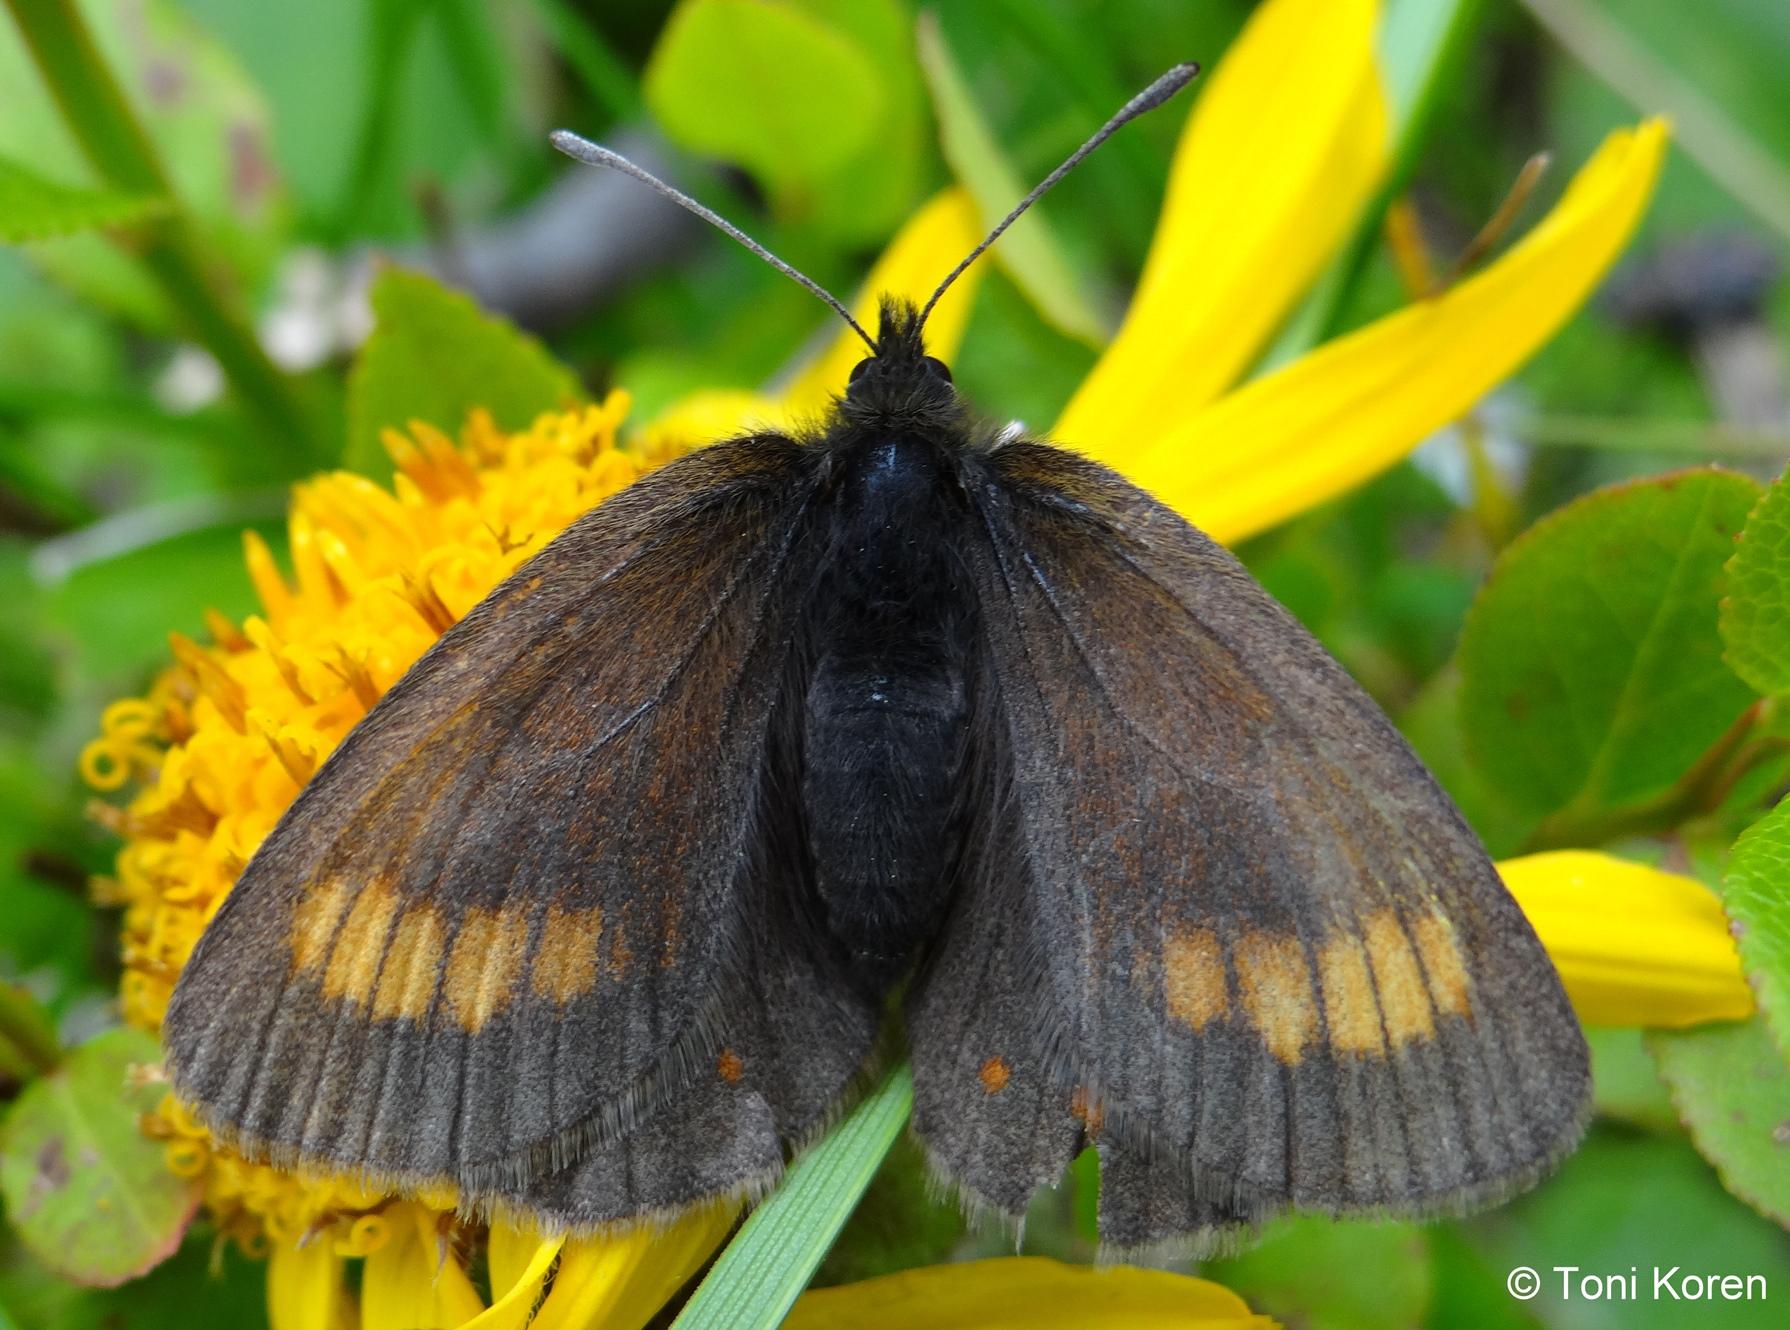 zDSC03087 Erebia pharte Nymphalidae Lepidoptera